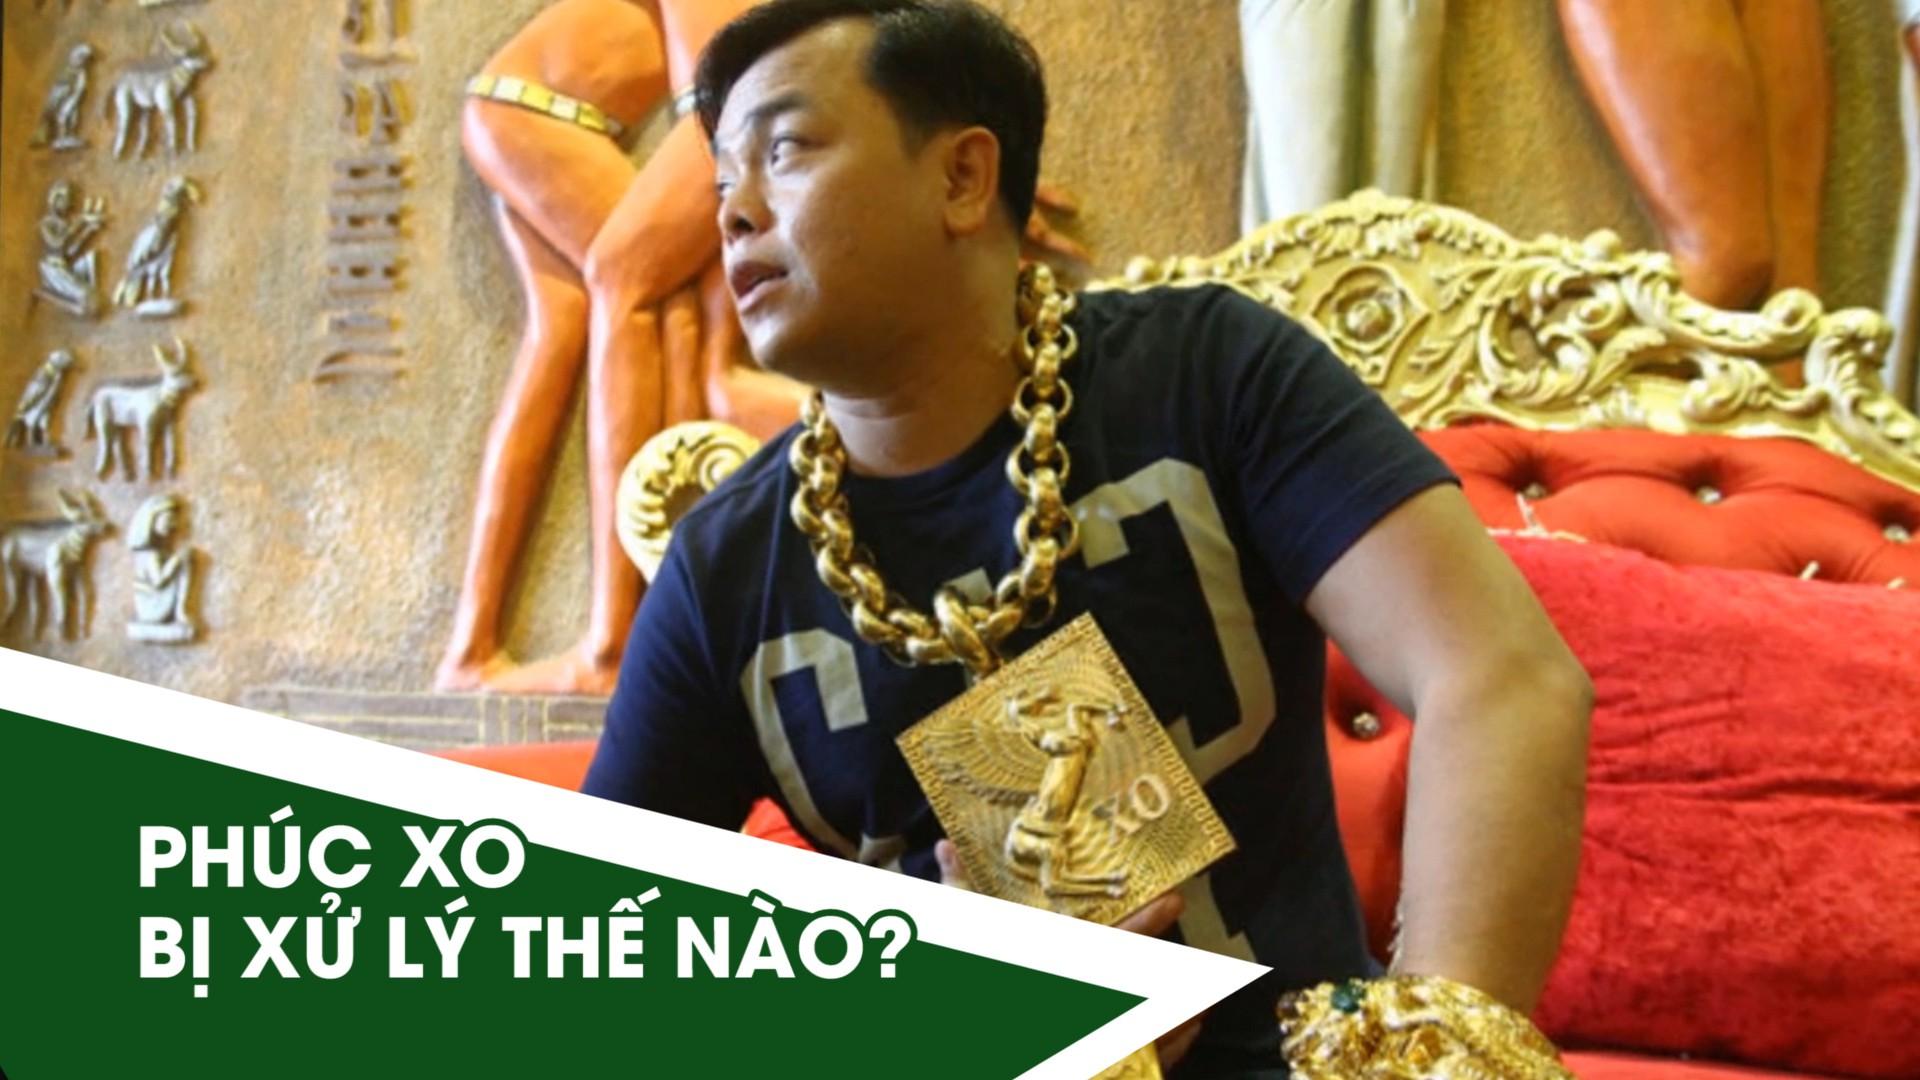 Công an làm việc với Phúc XO, đại gia đeo vàng nhiều nhất Việt Nam   Thời sự   Thanh Niên